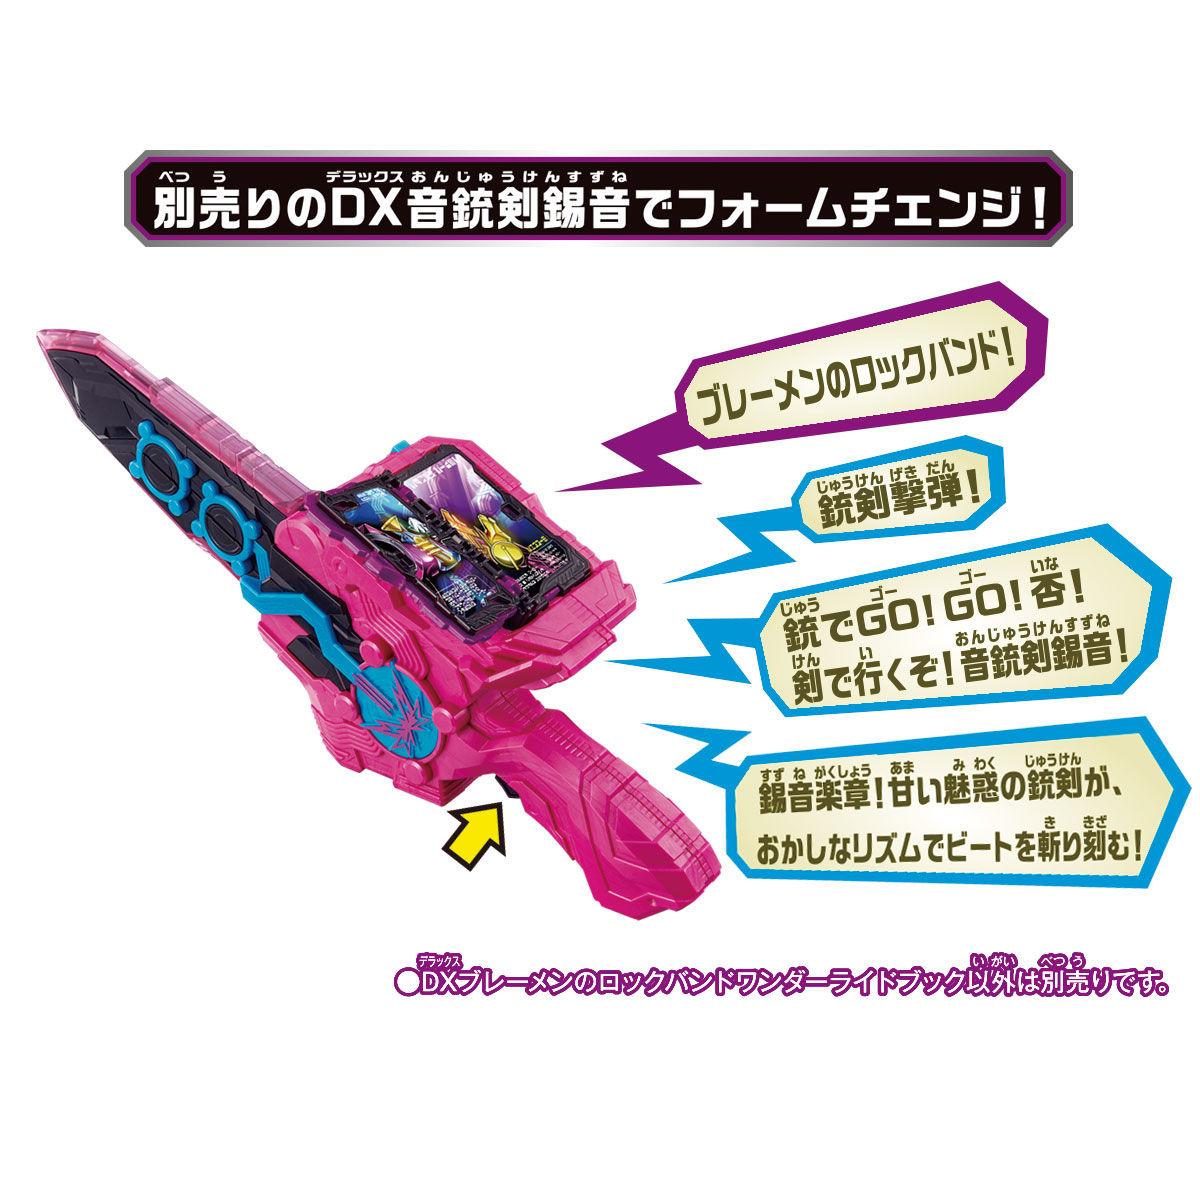 仮面ライダーセイバー『DXブレーメンのロックバンドワンダーライドブック』変身なりきり-004